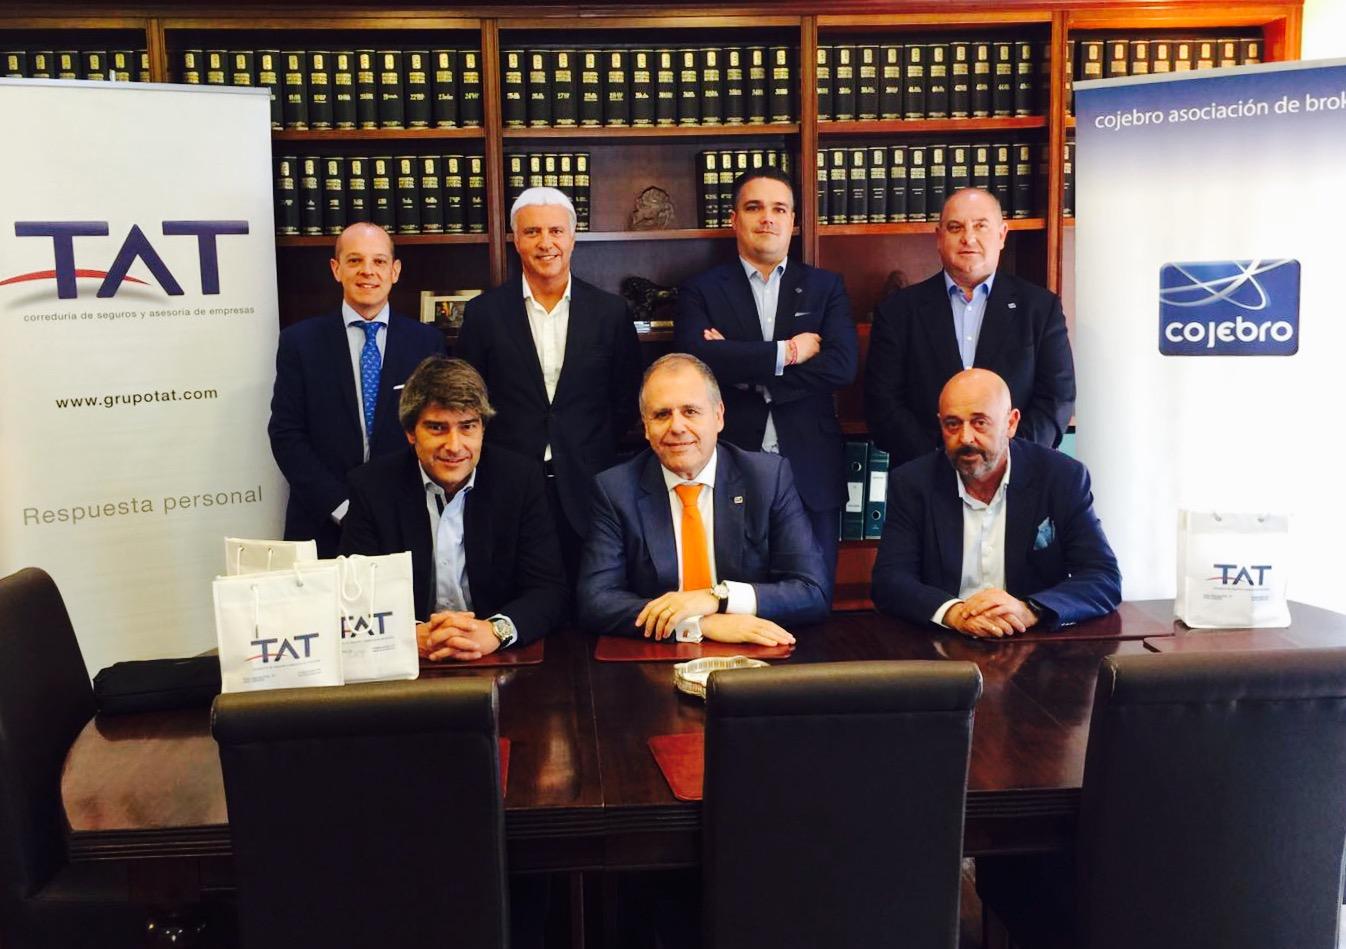 Cojebro celebra su junta directiva en madrid en las for Oficinas caja laboral madrid